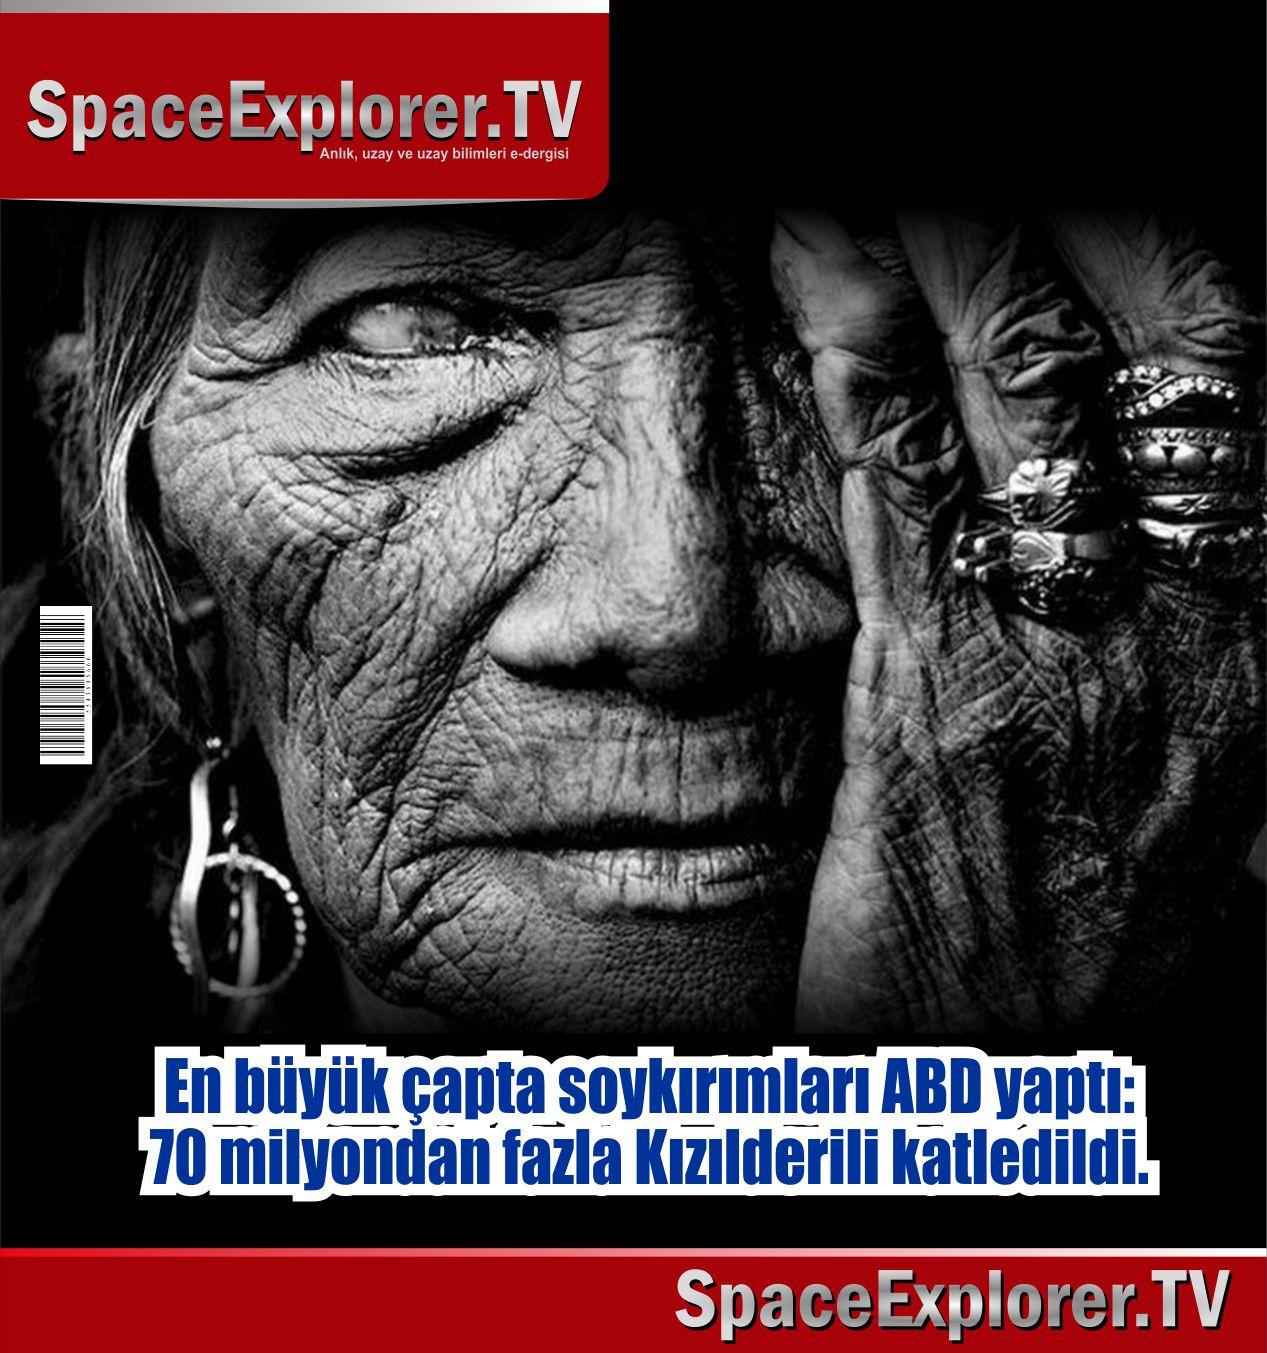 Kızılderililer, ABD, Kristof Kolomb, Vahşi Batı, Gizlenen gerçekler, Dünyanın gerçek tarihi, Avrupa'nın gerçek tarihi, Space Explorer,